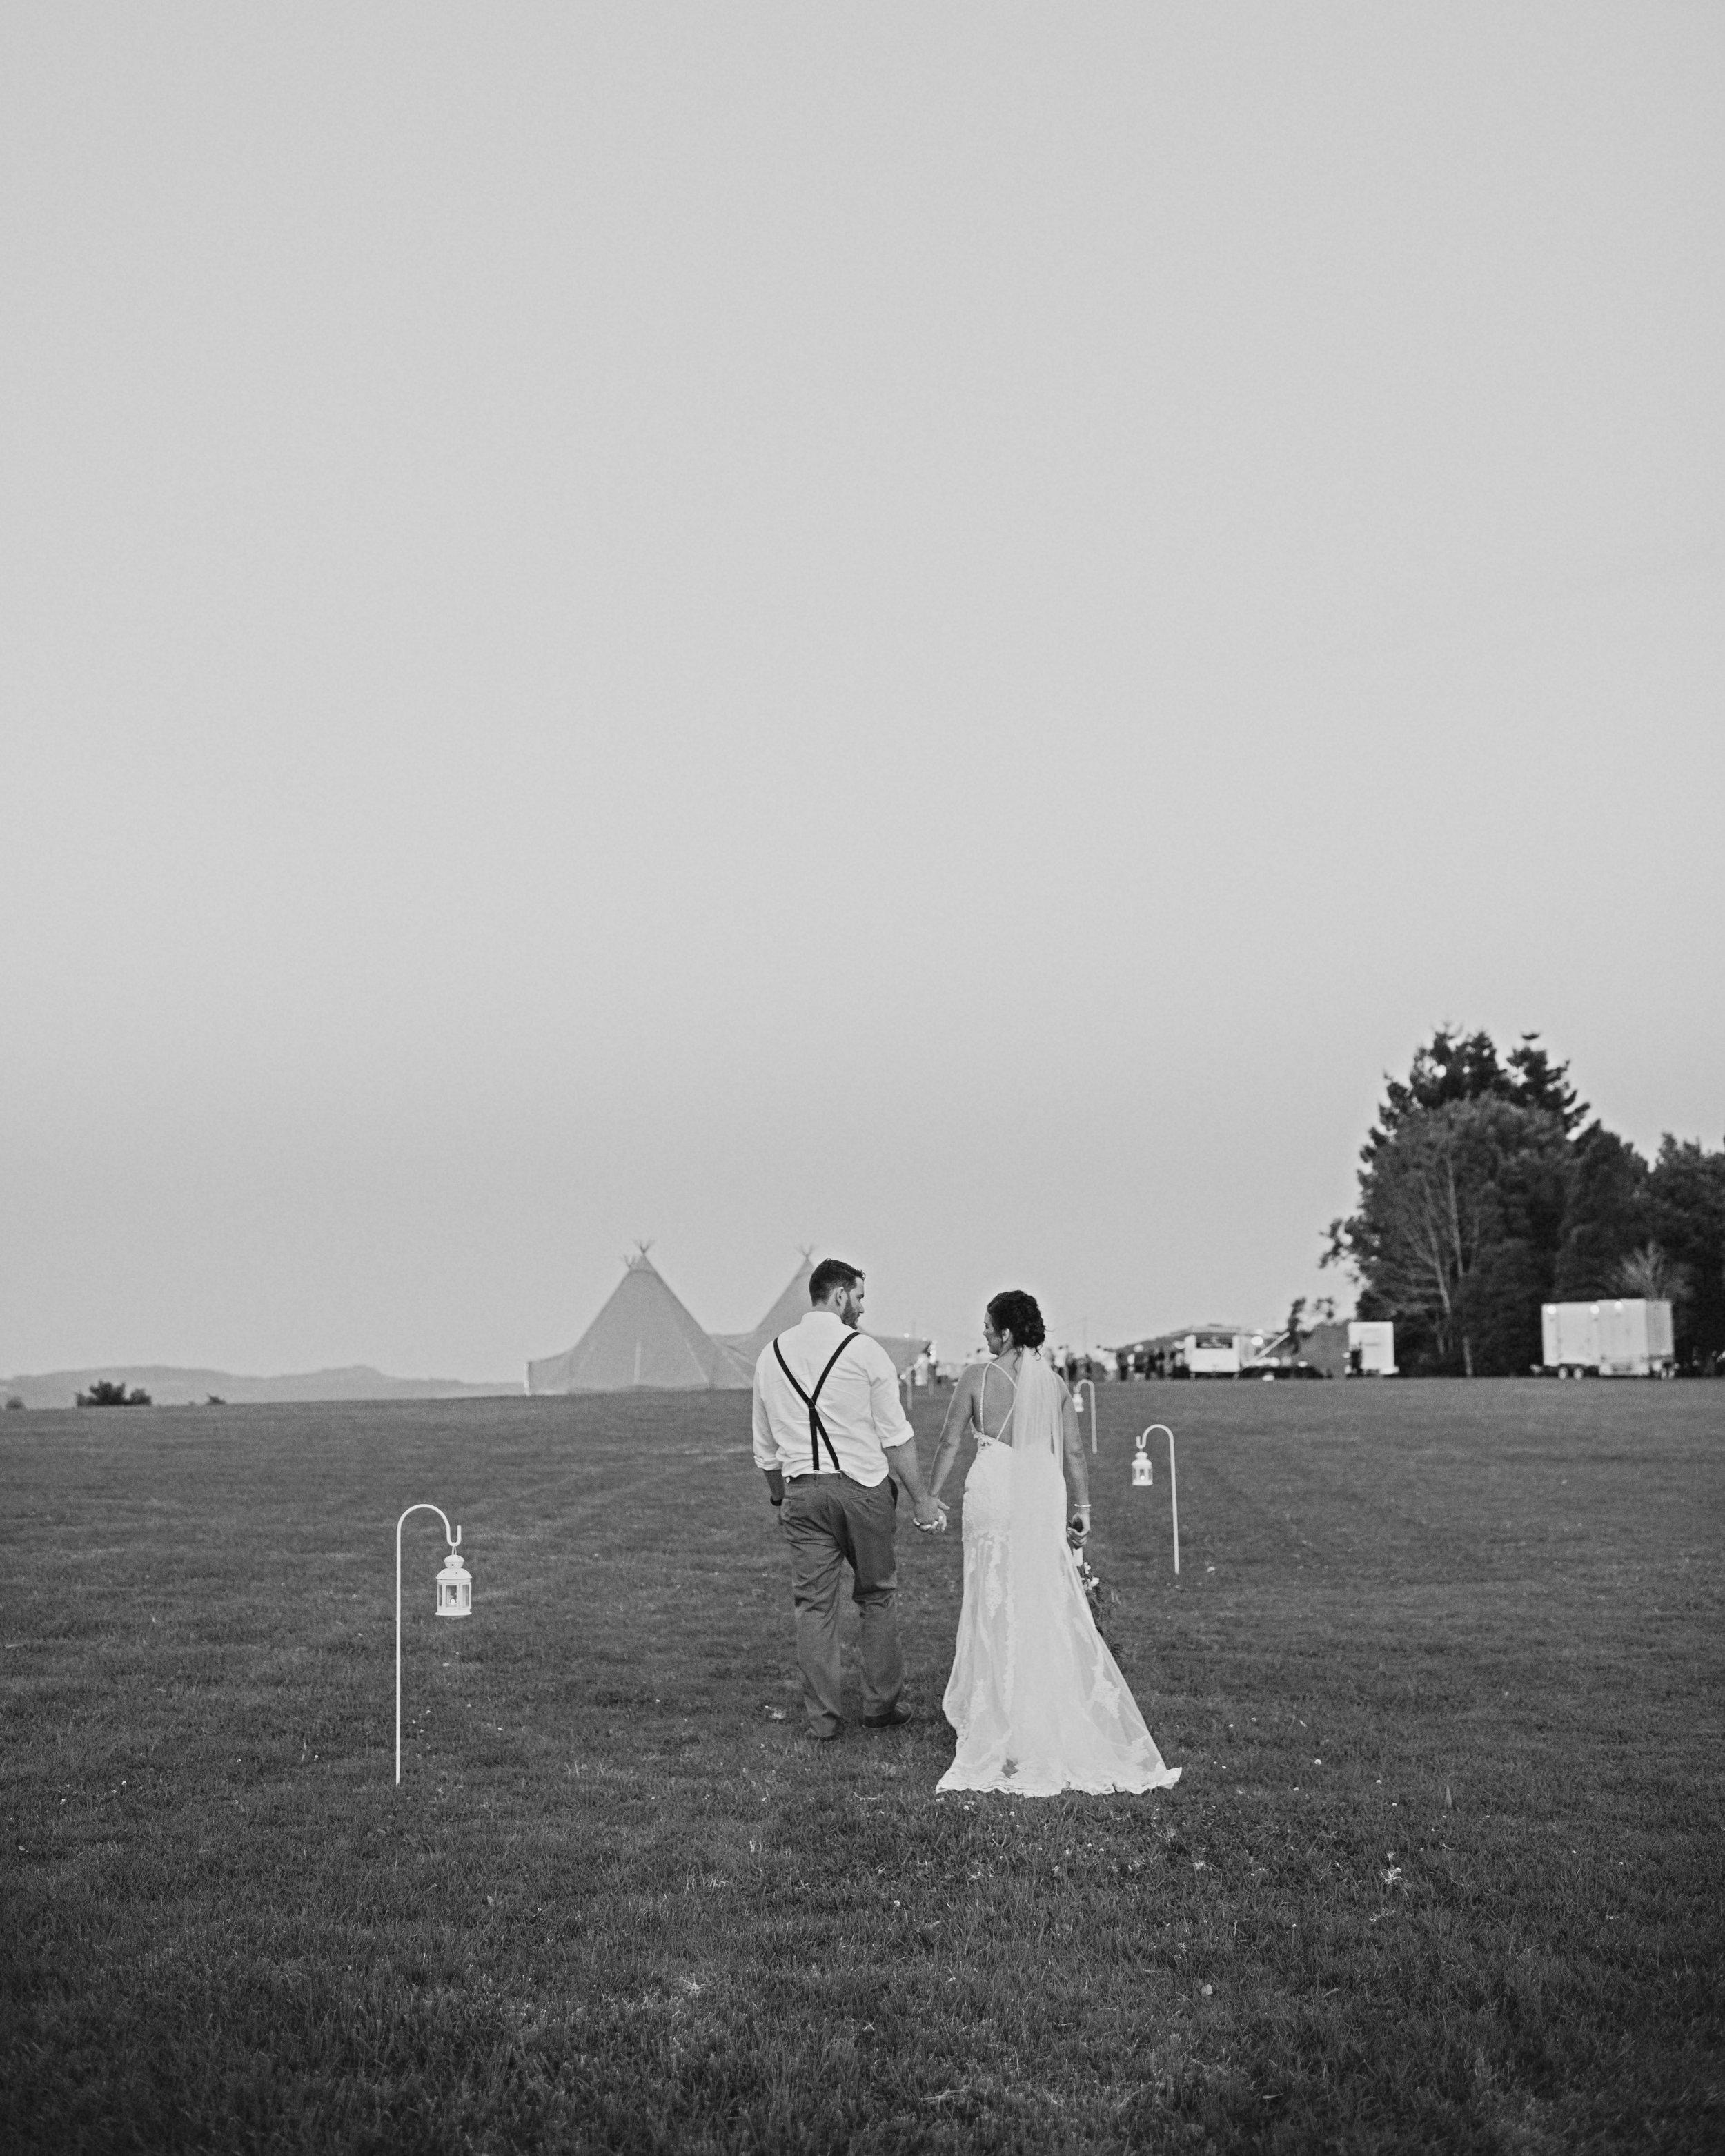 20181020_Sarah_Rob_Wedding-787-Edit-4.jpg